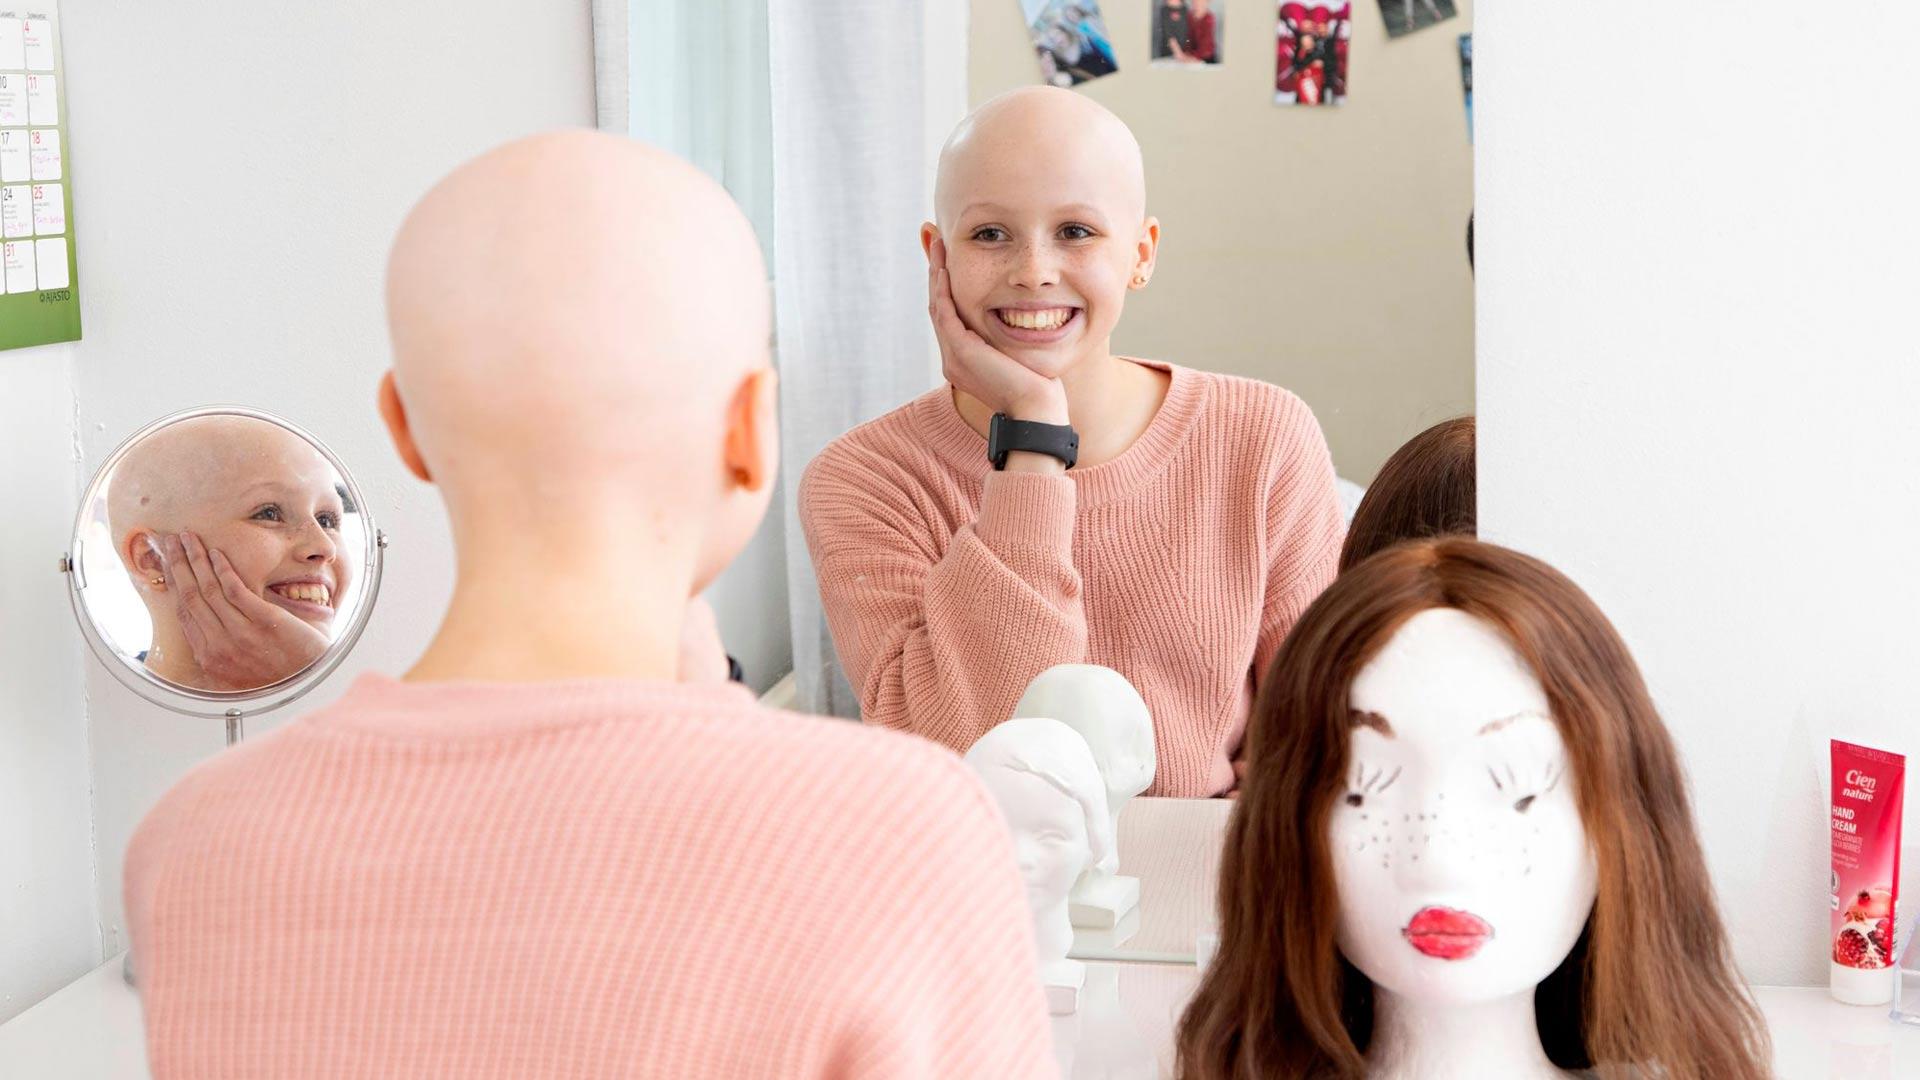 Mona Holman saa tämän vuoden aikana toisenkin peruukin. Se pysyy päässä vaikka temppuillessa, mutta Mona ei osaa vielä sanoa, tuleeko se käyttöön myös cheerleadingissä.